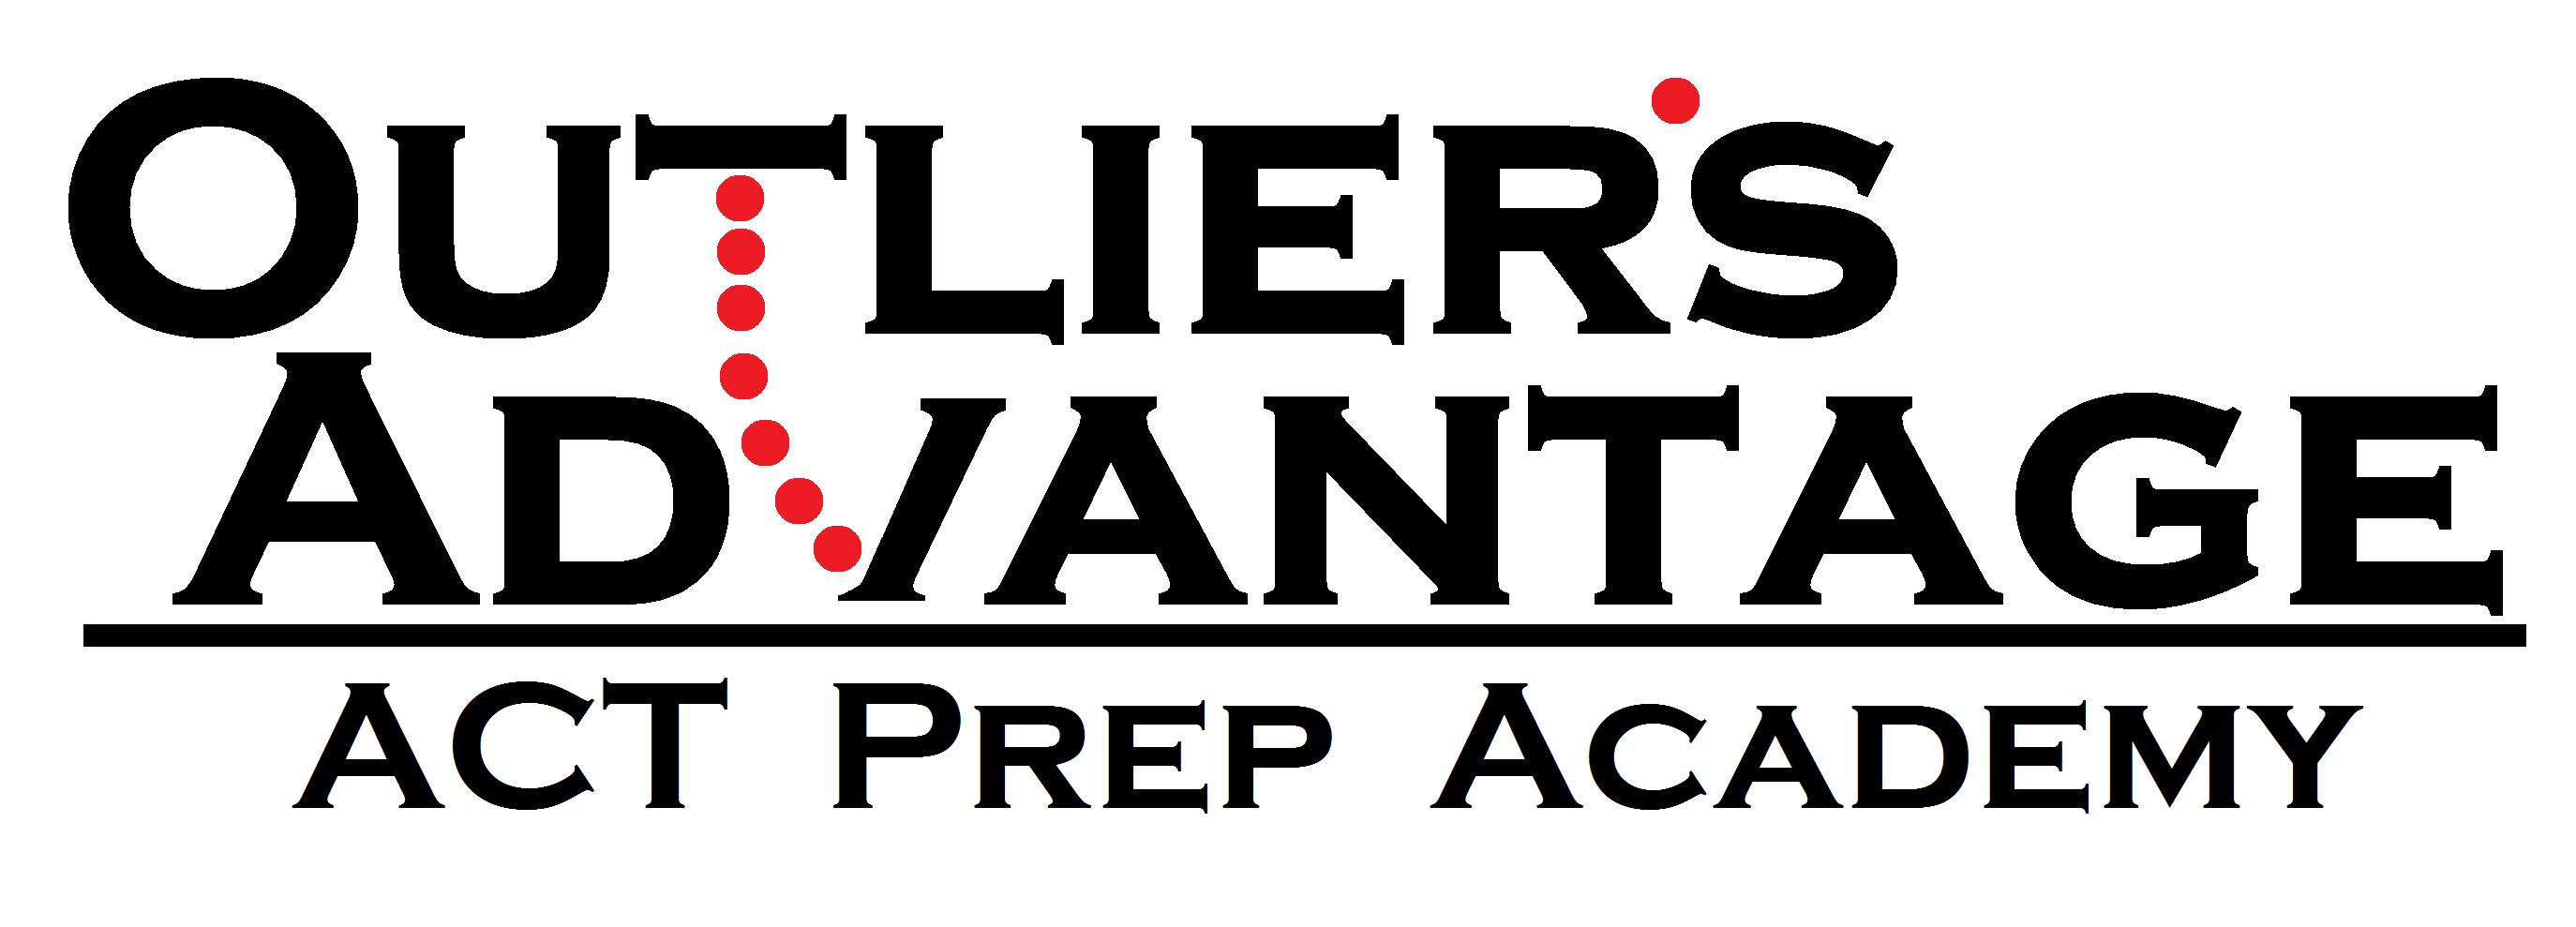 Outlier's Advantage ACT Prep Academy